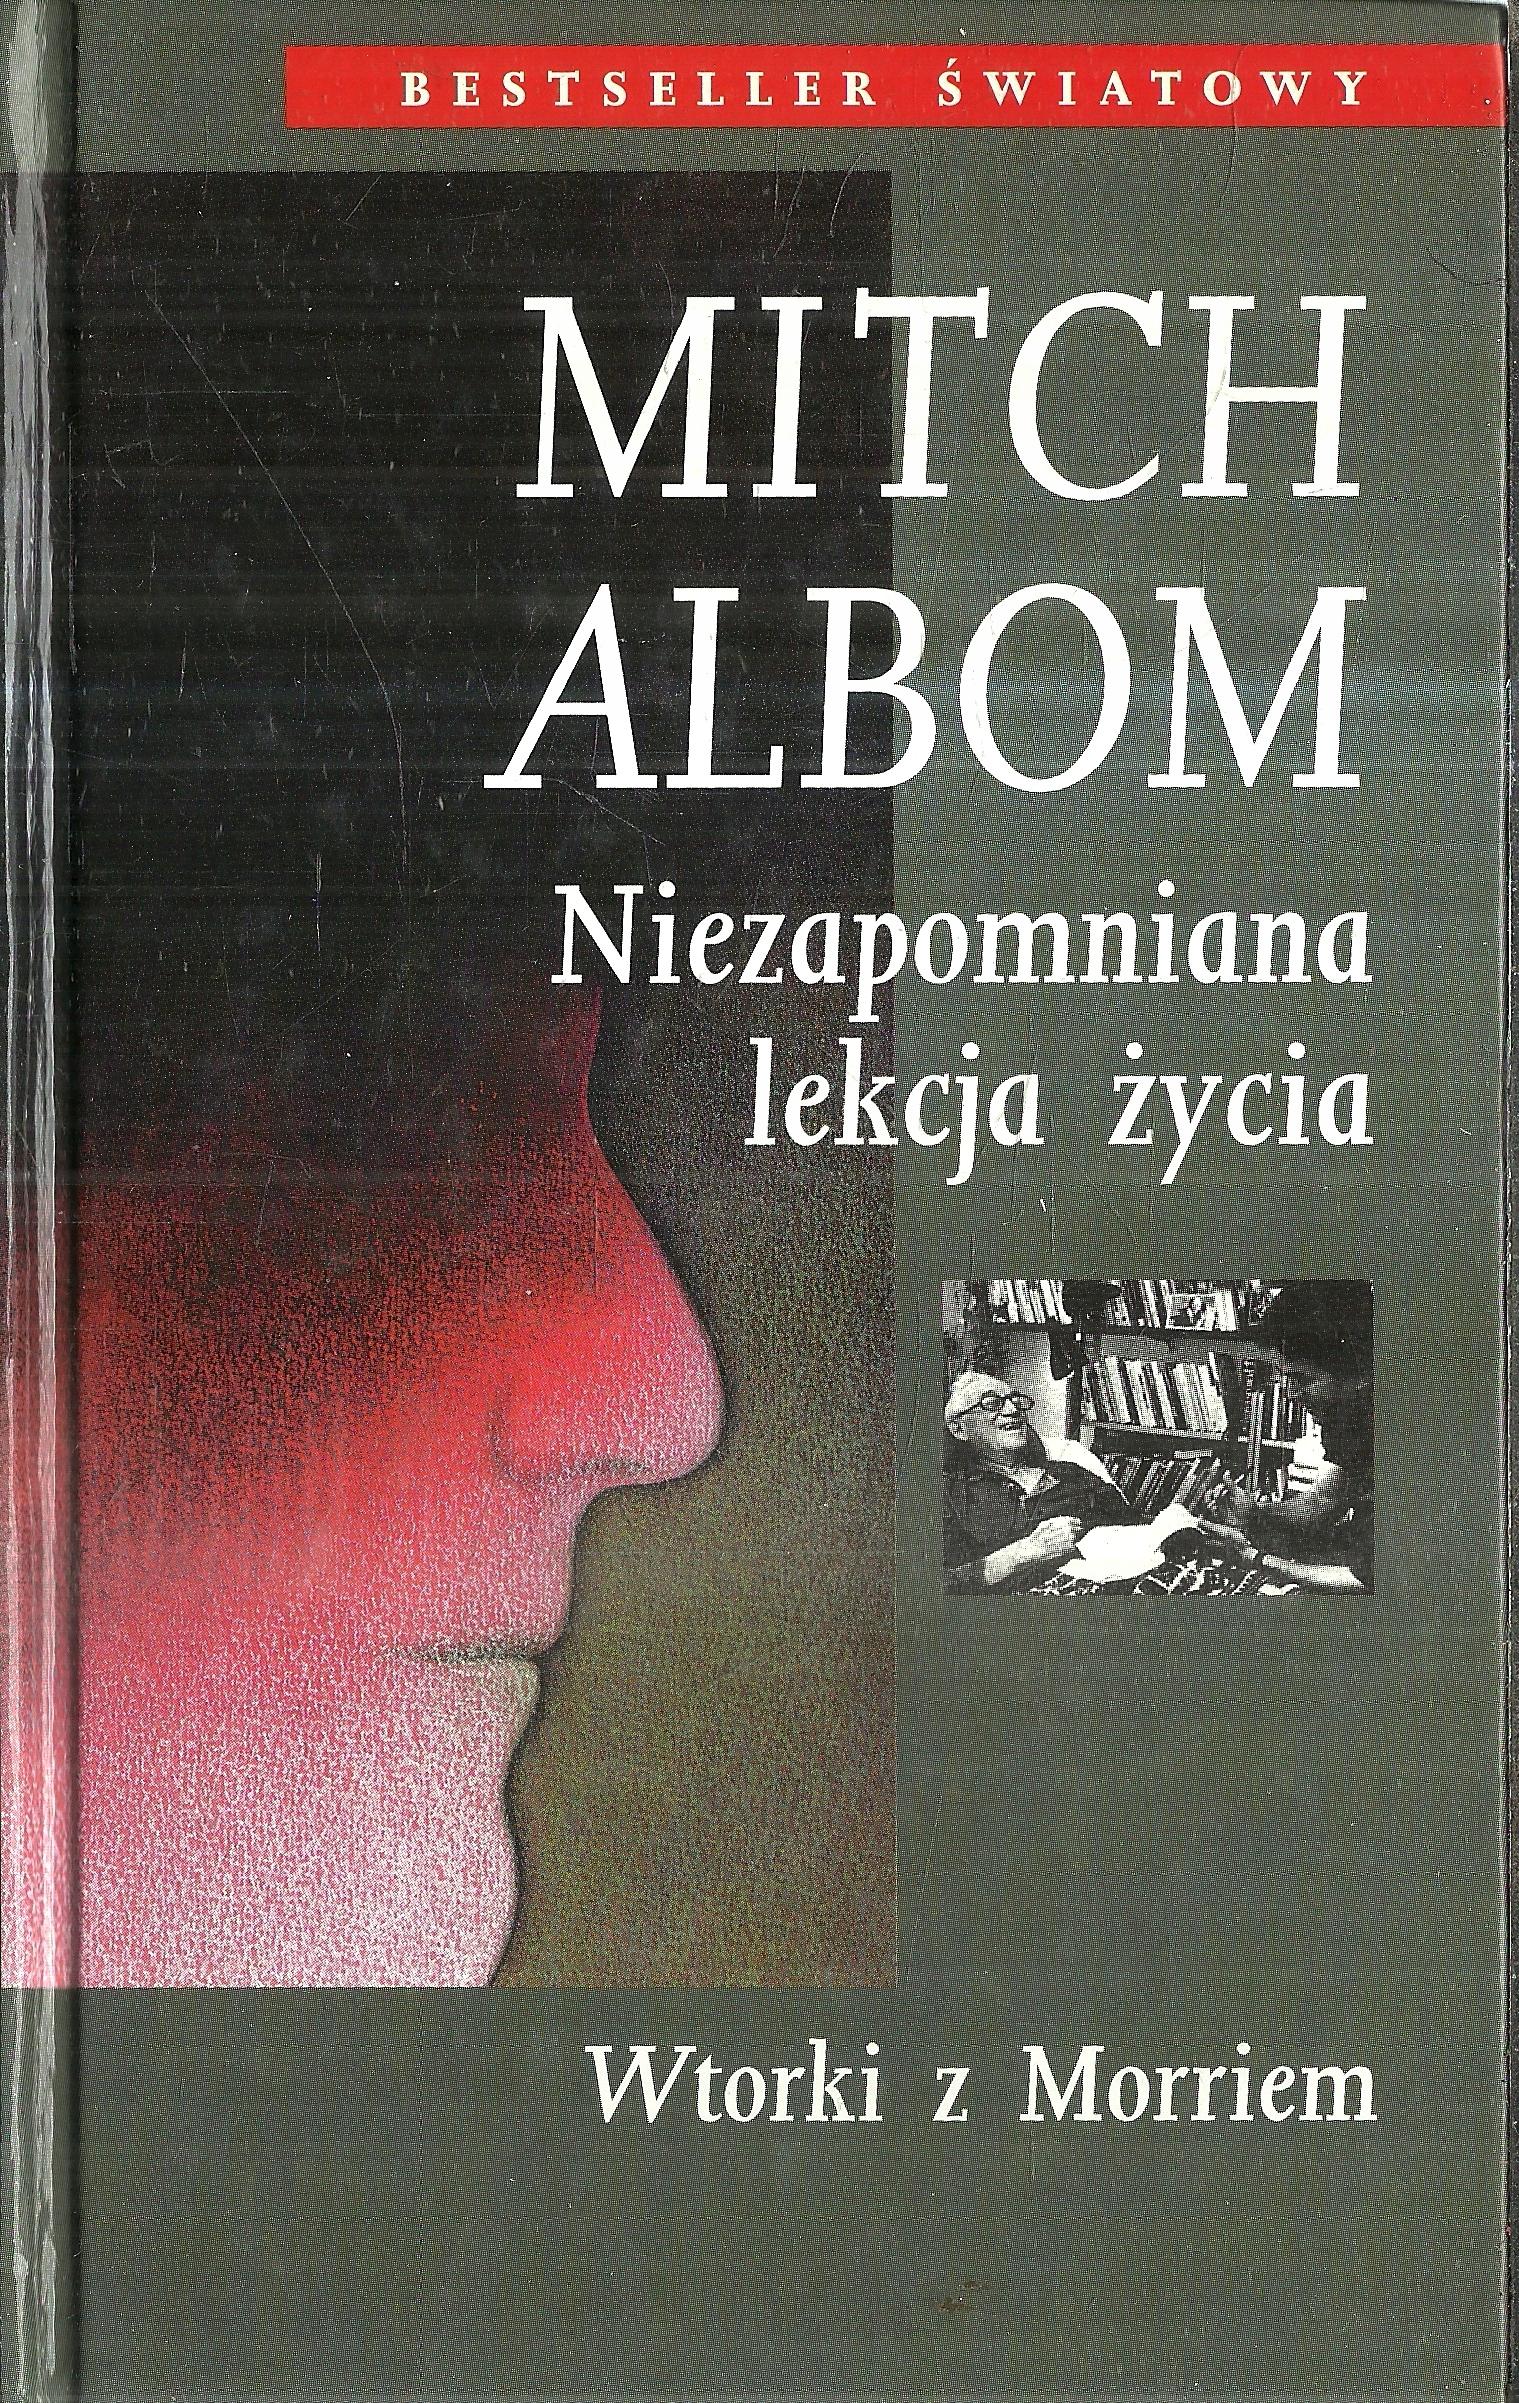 Albom - Niezapomniana Lekcja Życia S4